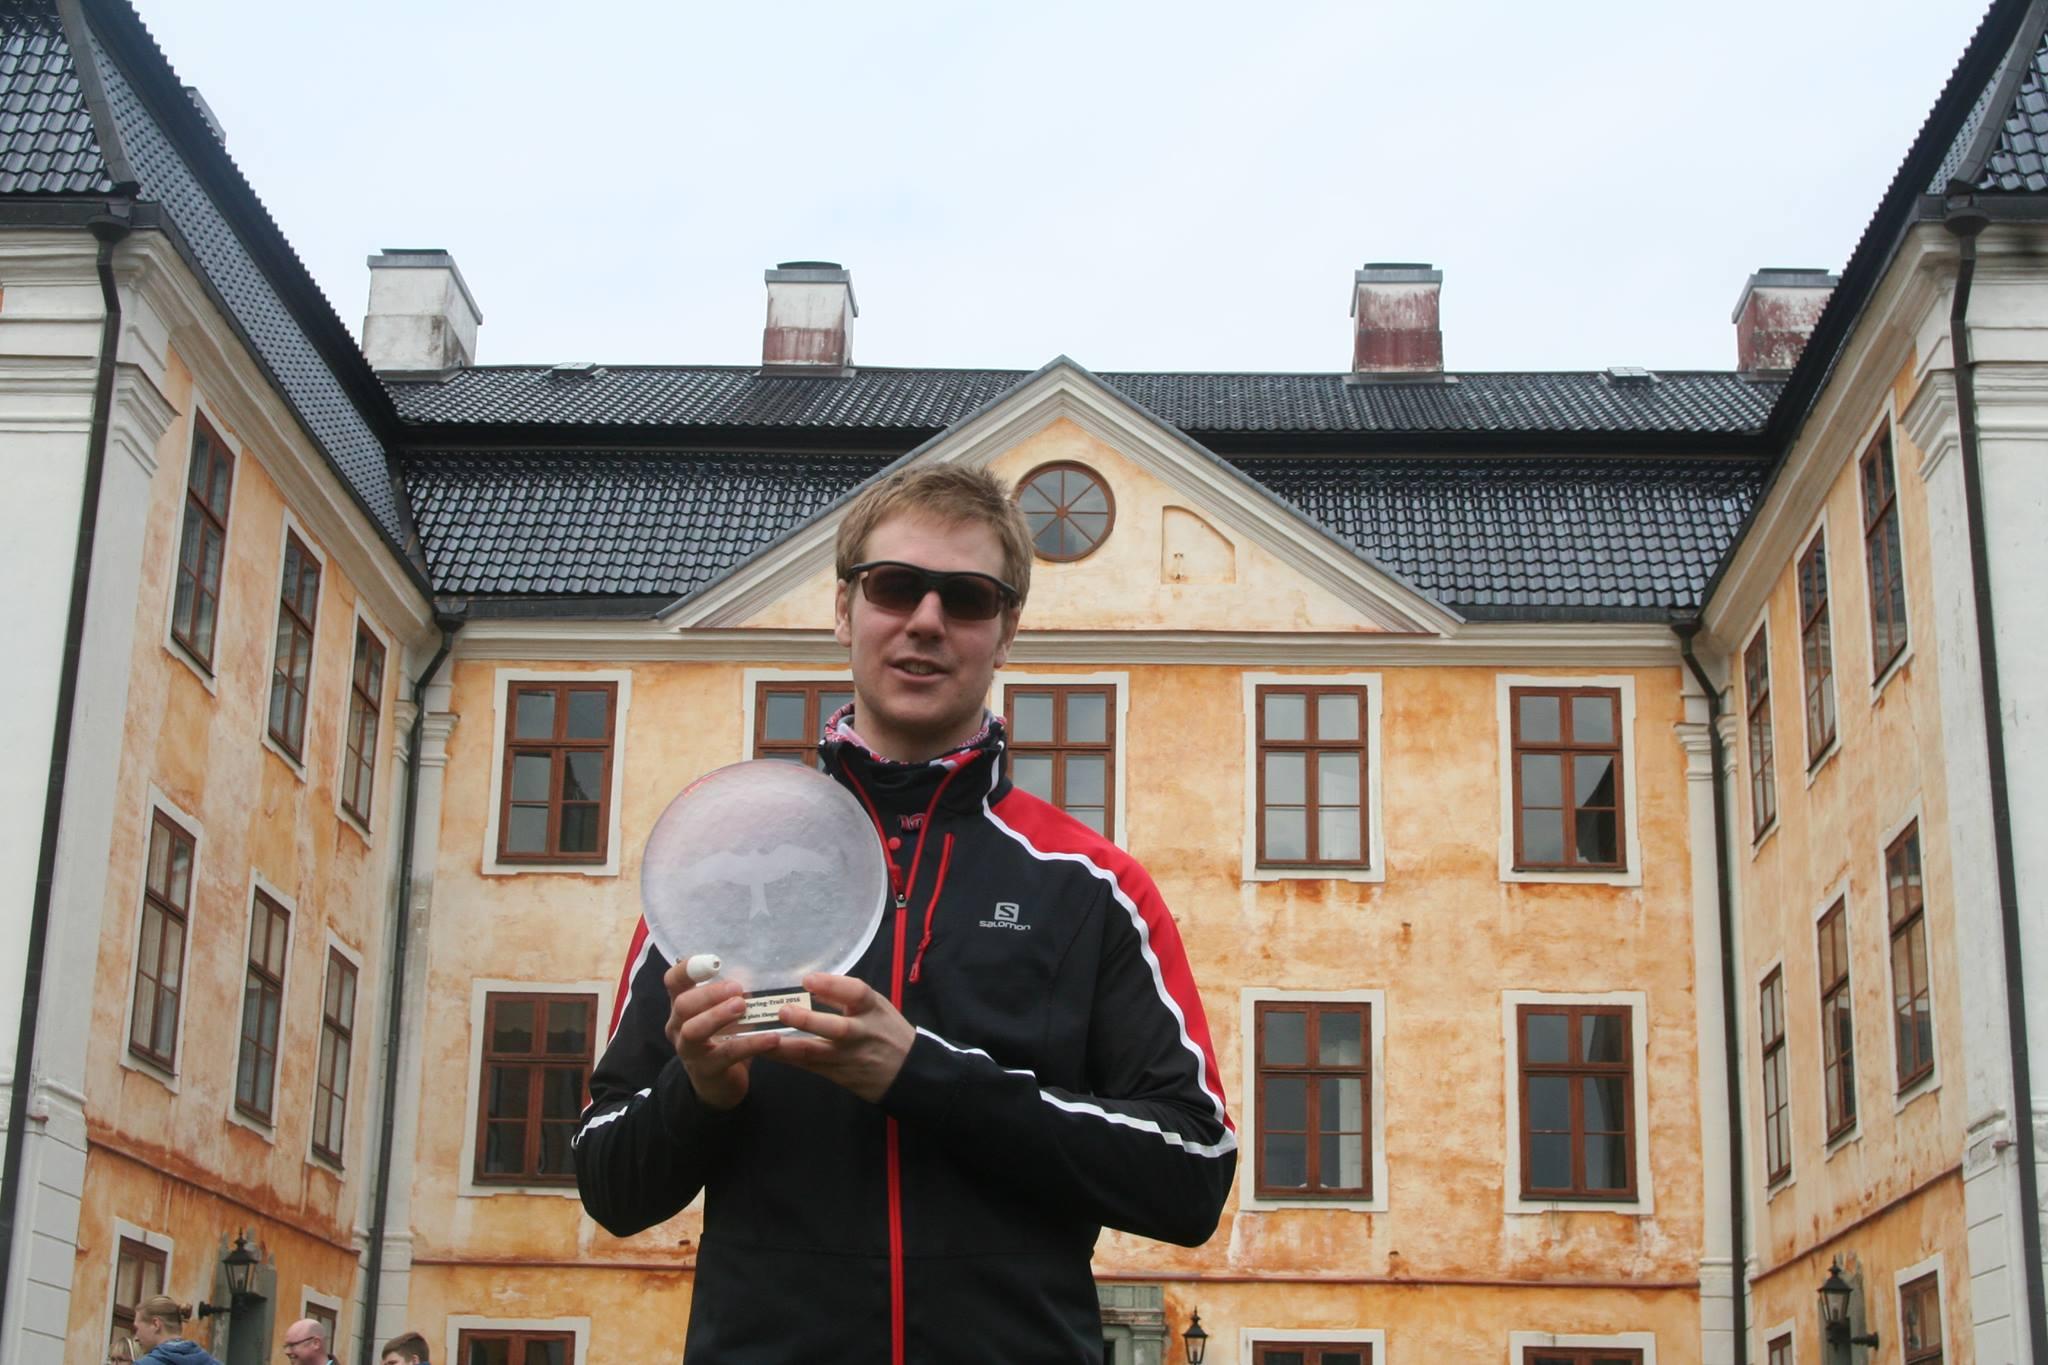 Cool med glasögon framför slottet.